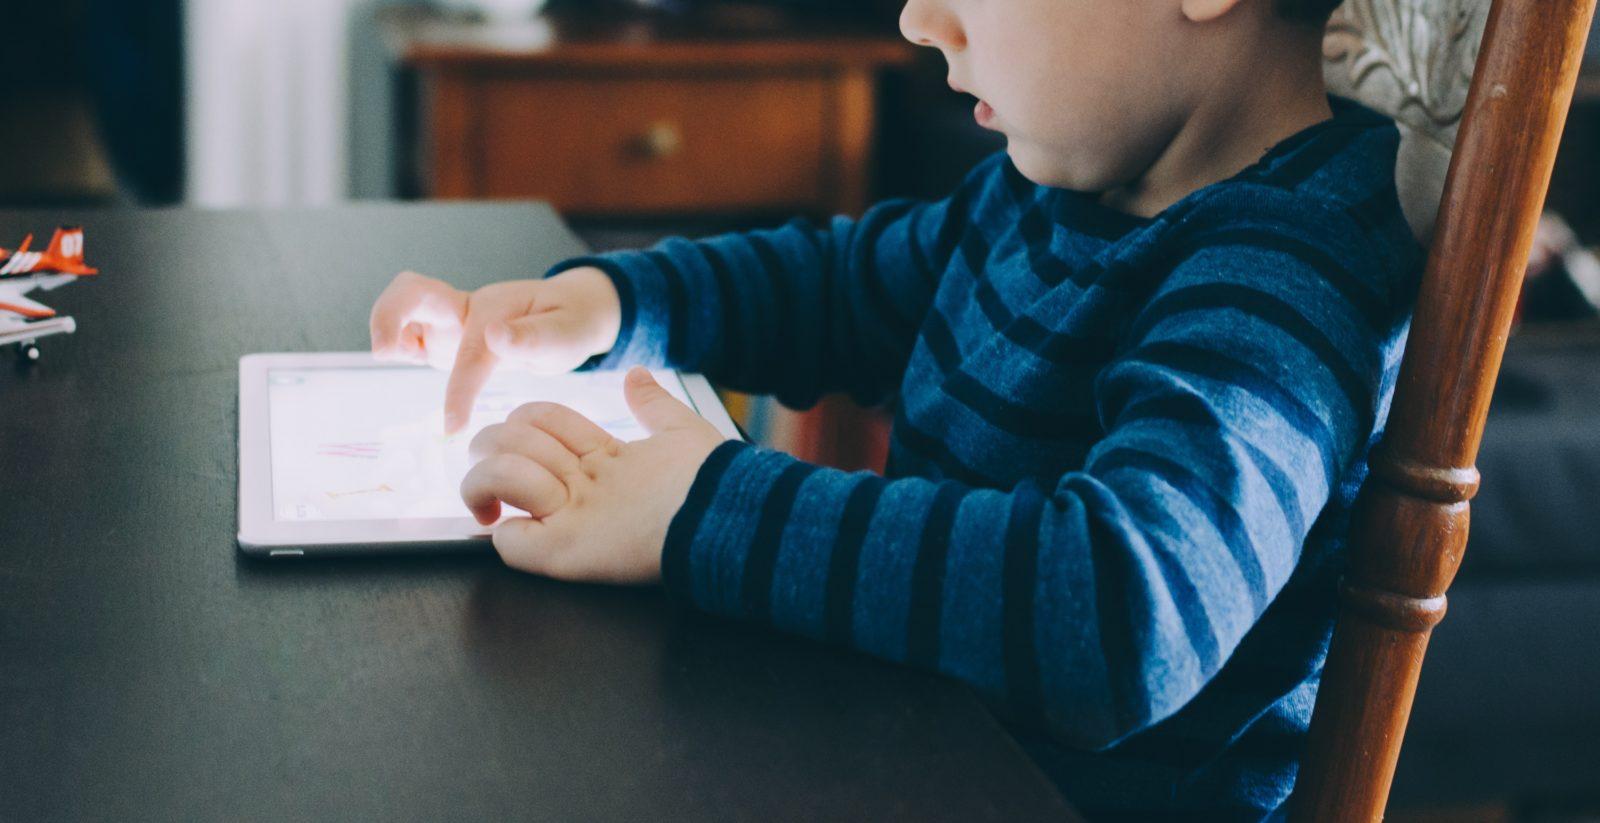 Criança mexendo em um tablet